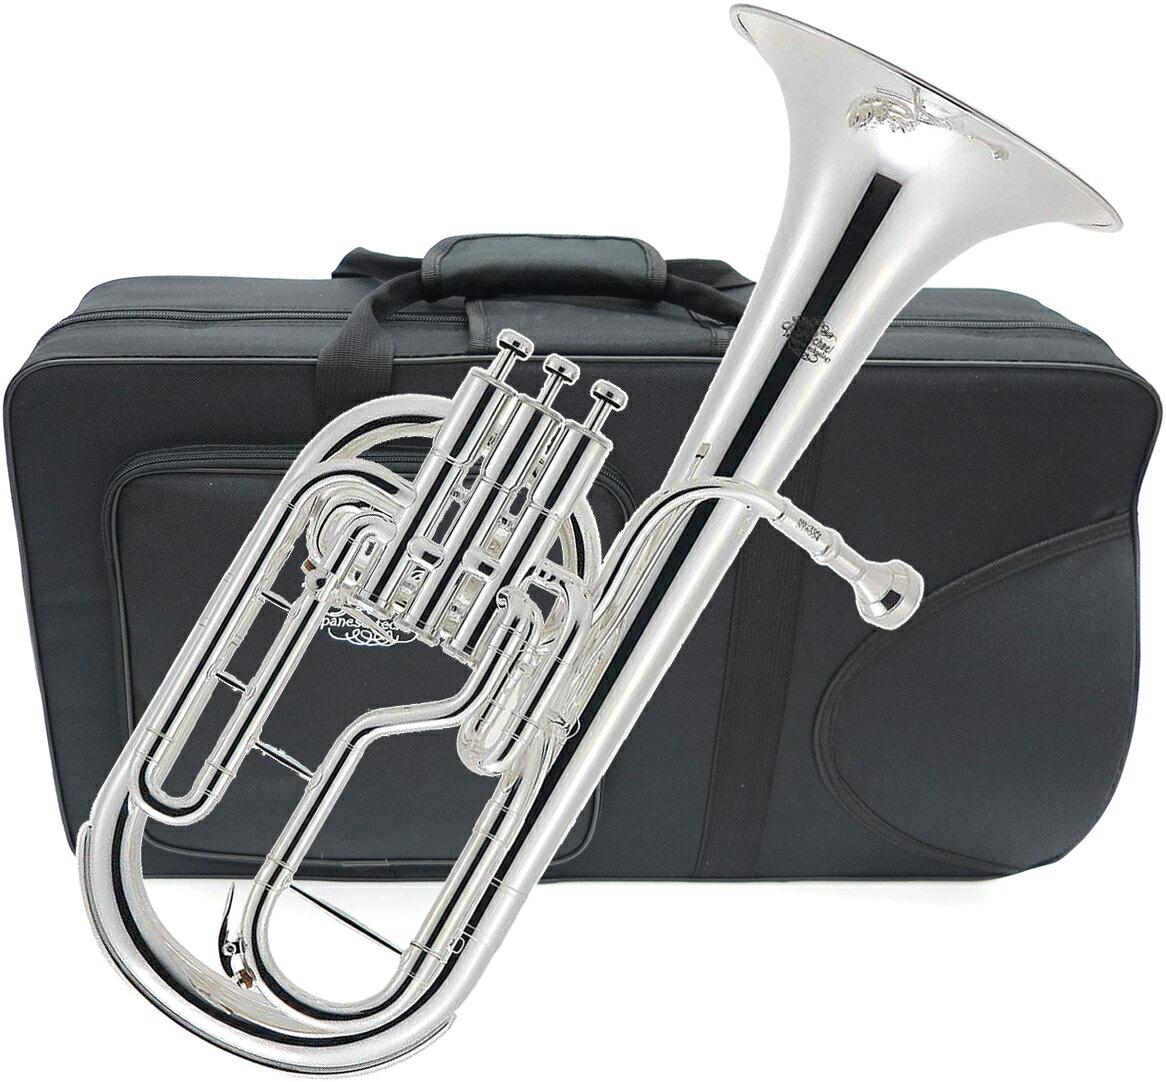 訳あり アルトホルン Alto horn-700 新品 アウトレット 送料無料(条件付) …...:gakkiwatanabe:10009369